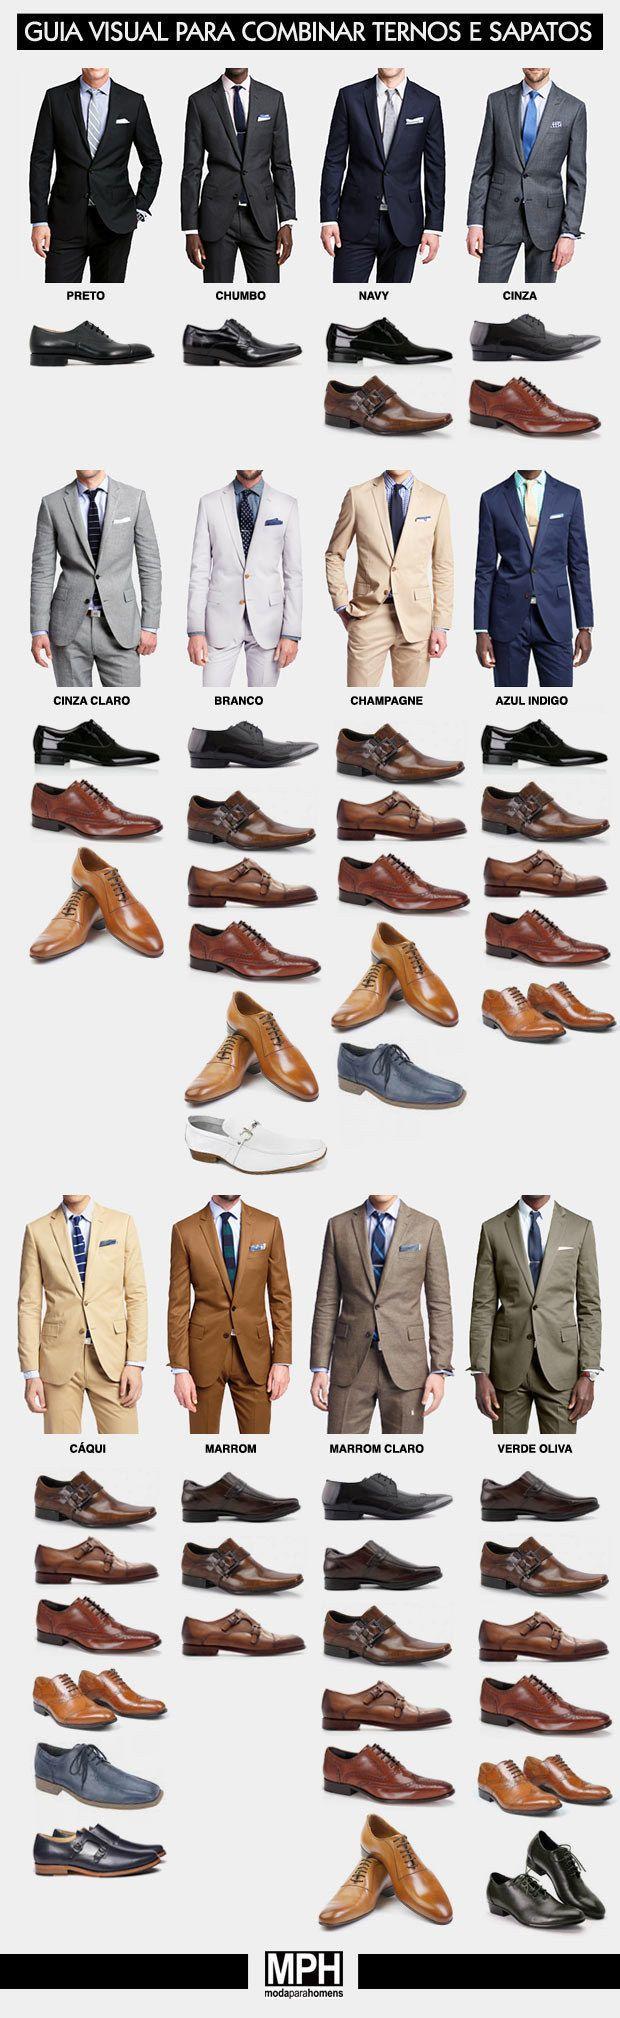 Aprender a como combinar tu traje y tus zapatos es la lección más importante que aprenderás en la vida. | 17 Guías visuales de estilo que todo hombre necesita en su vida